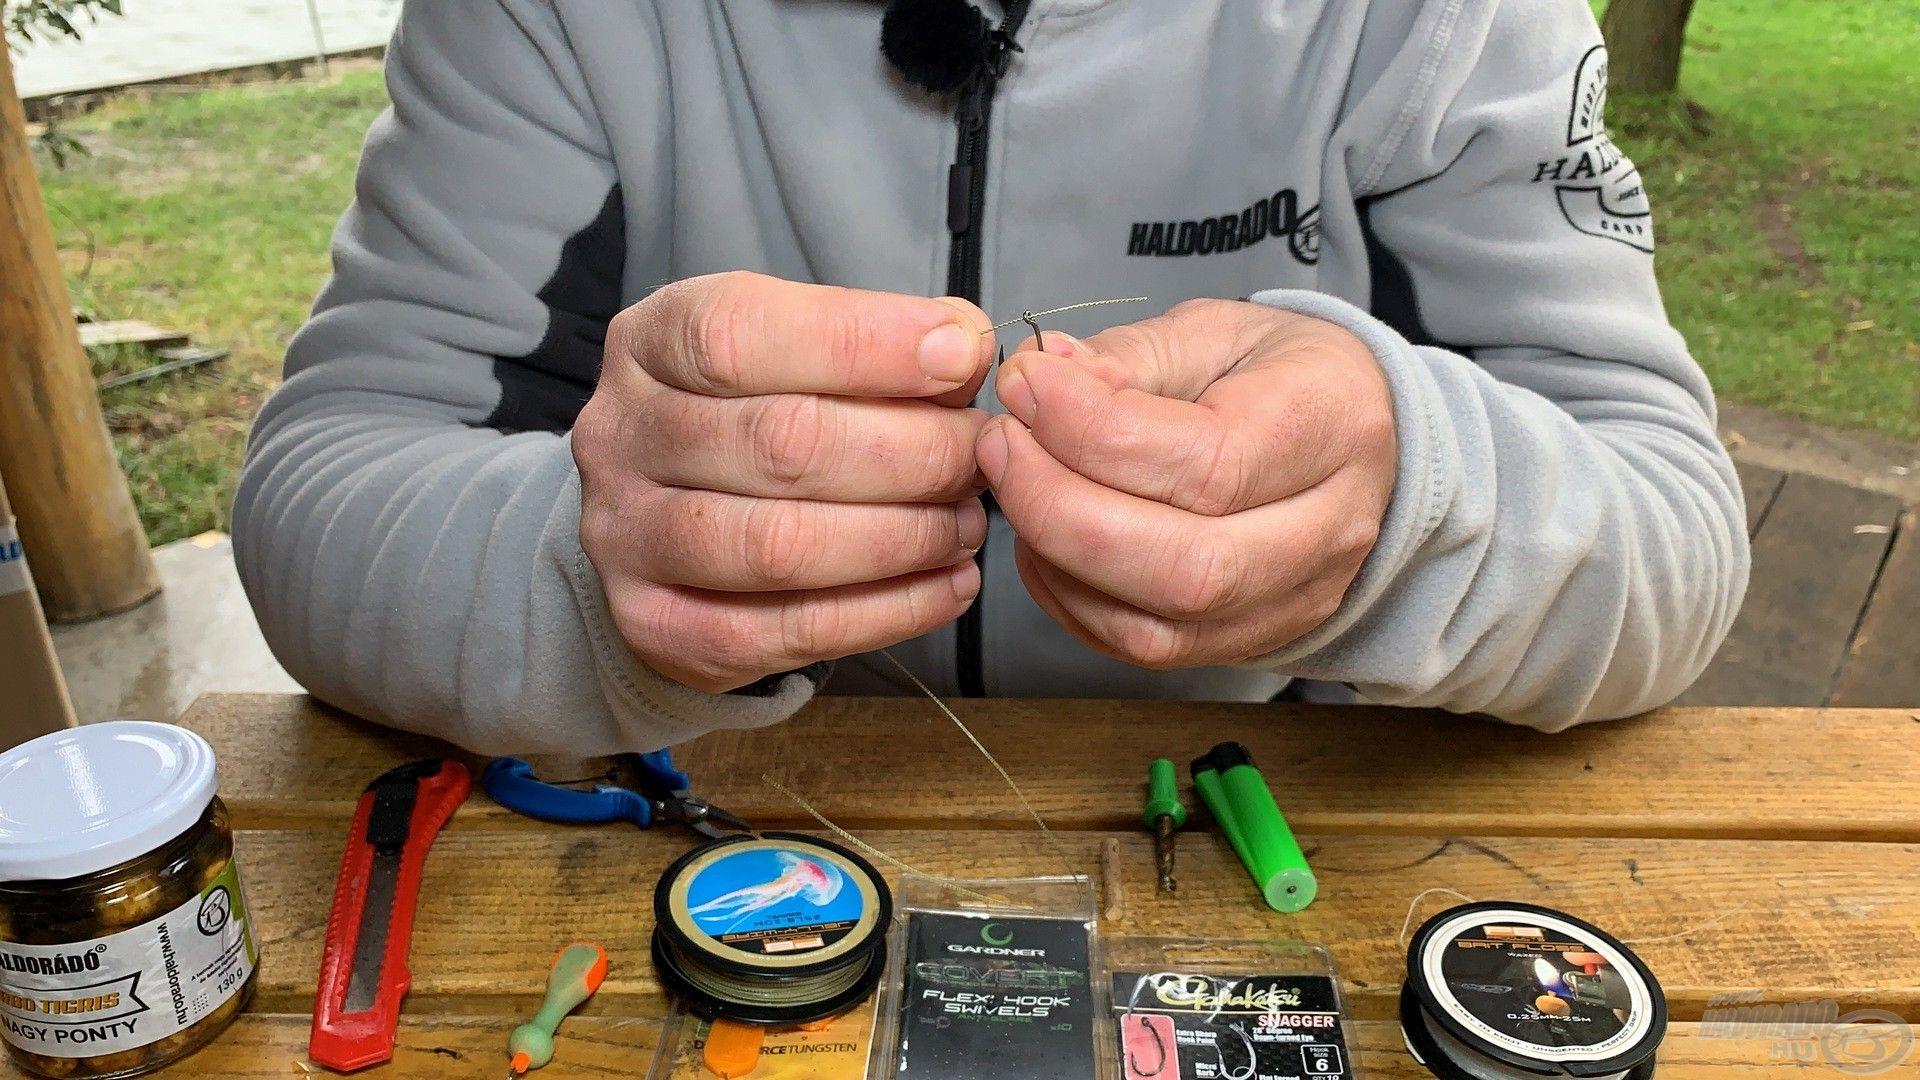 Első lépés, hogy a méretre vágott előkezsinórra csomó nélküli kötéssel rögzítem a kiválasztott horgot